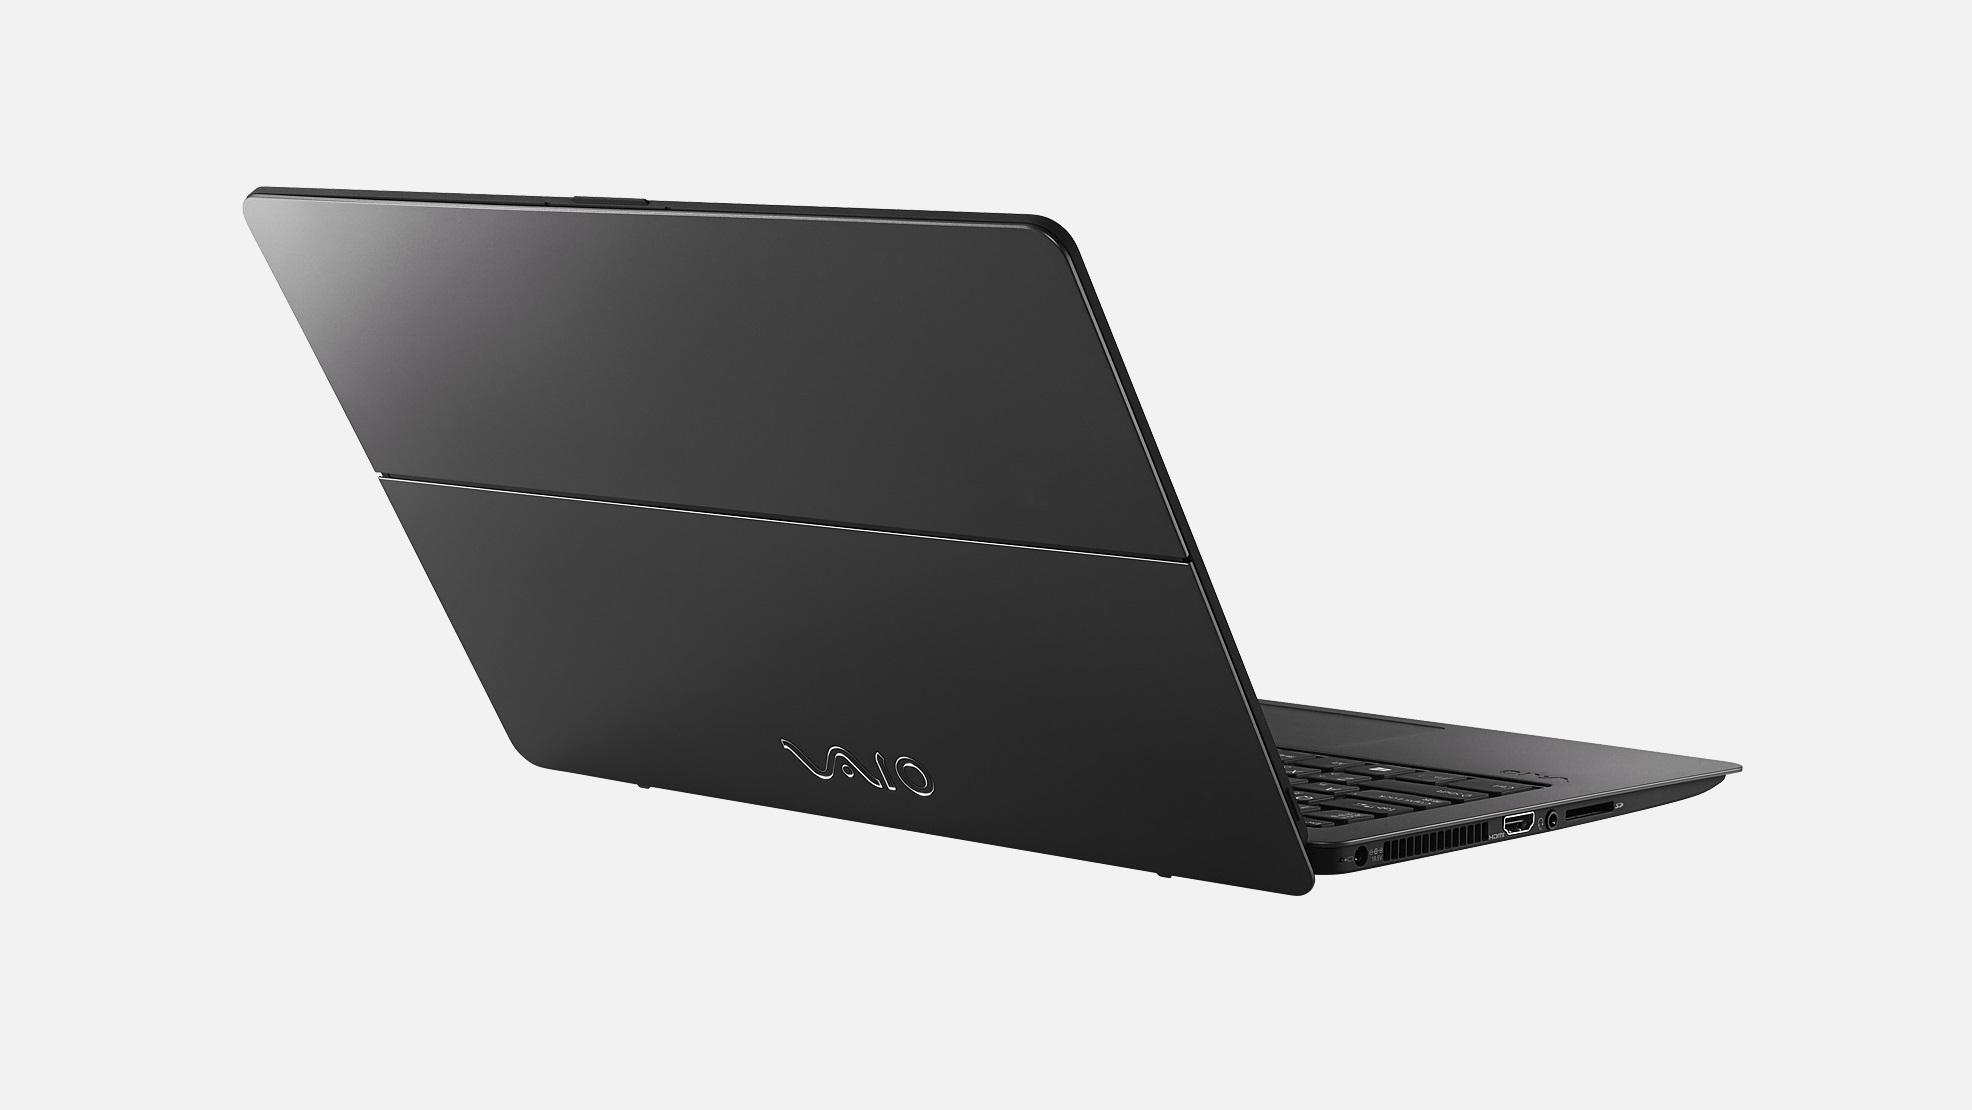 Os novos laptops híbridos da linha Vaio depois que a Sony desistiu dos PCs